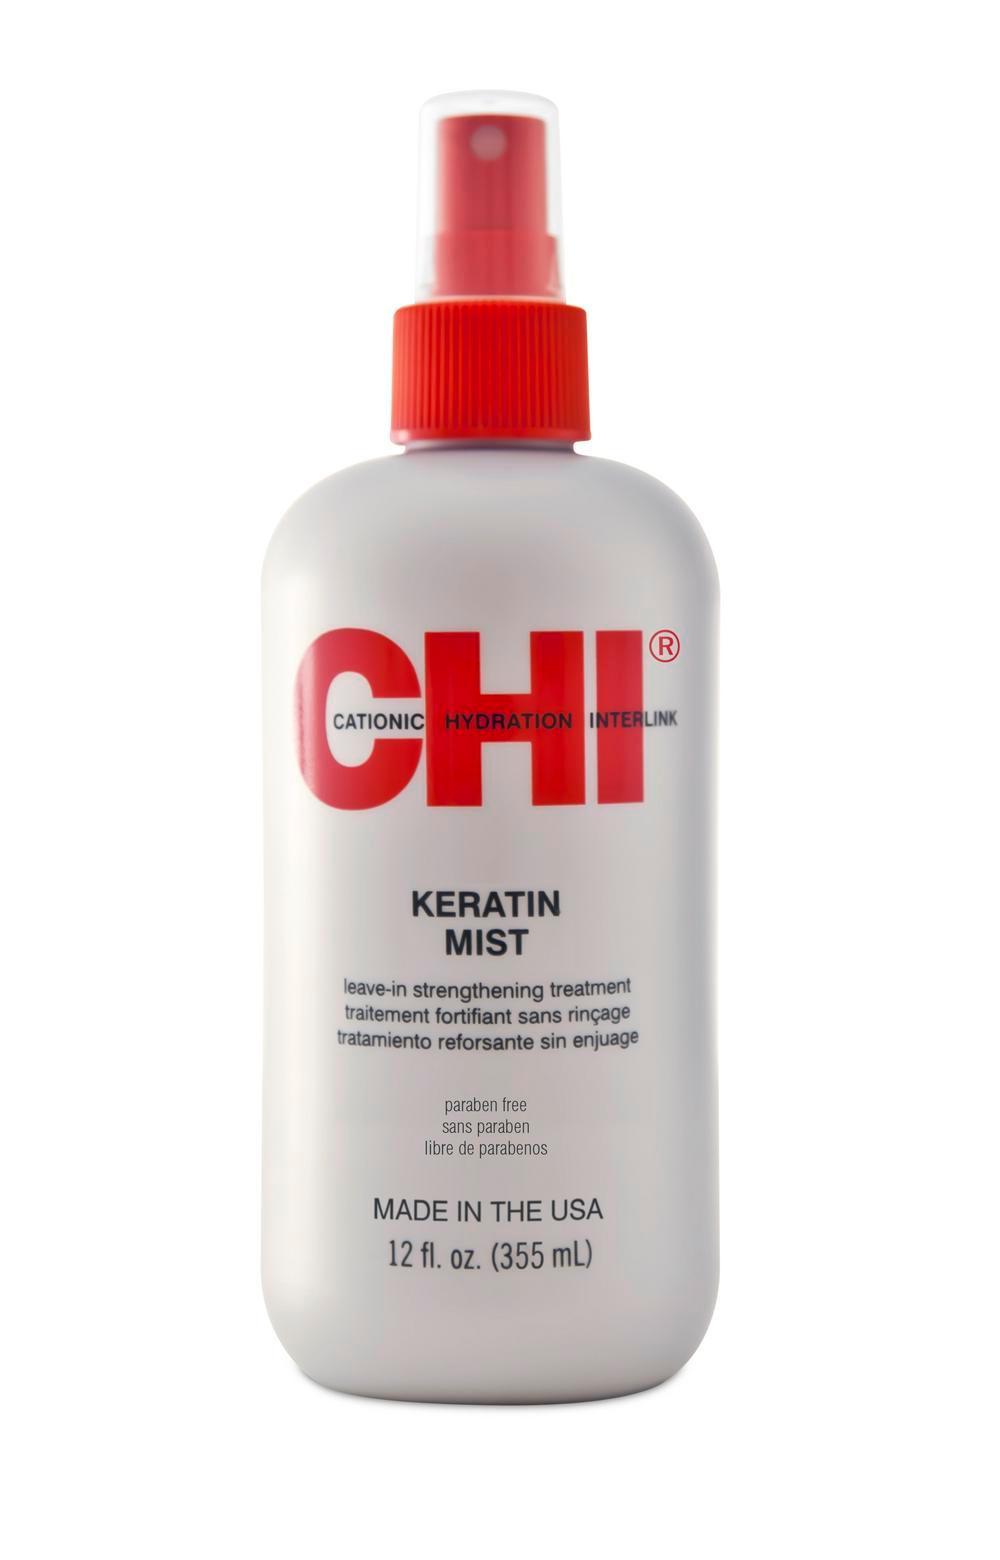 CHI Keratin Mist 12 oz